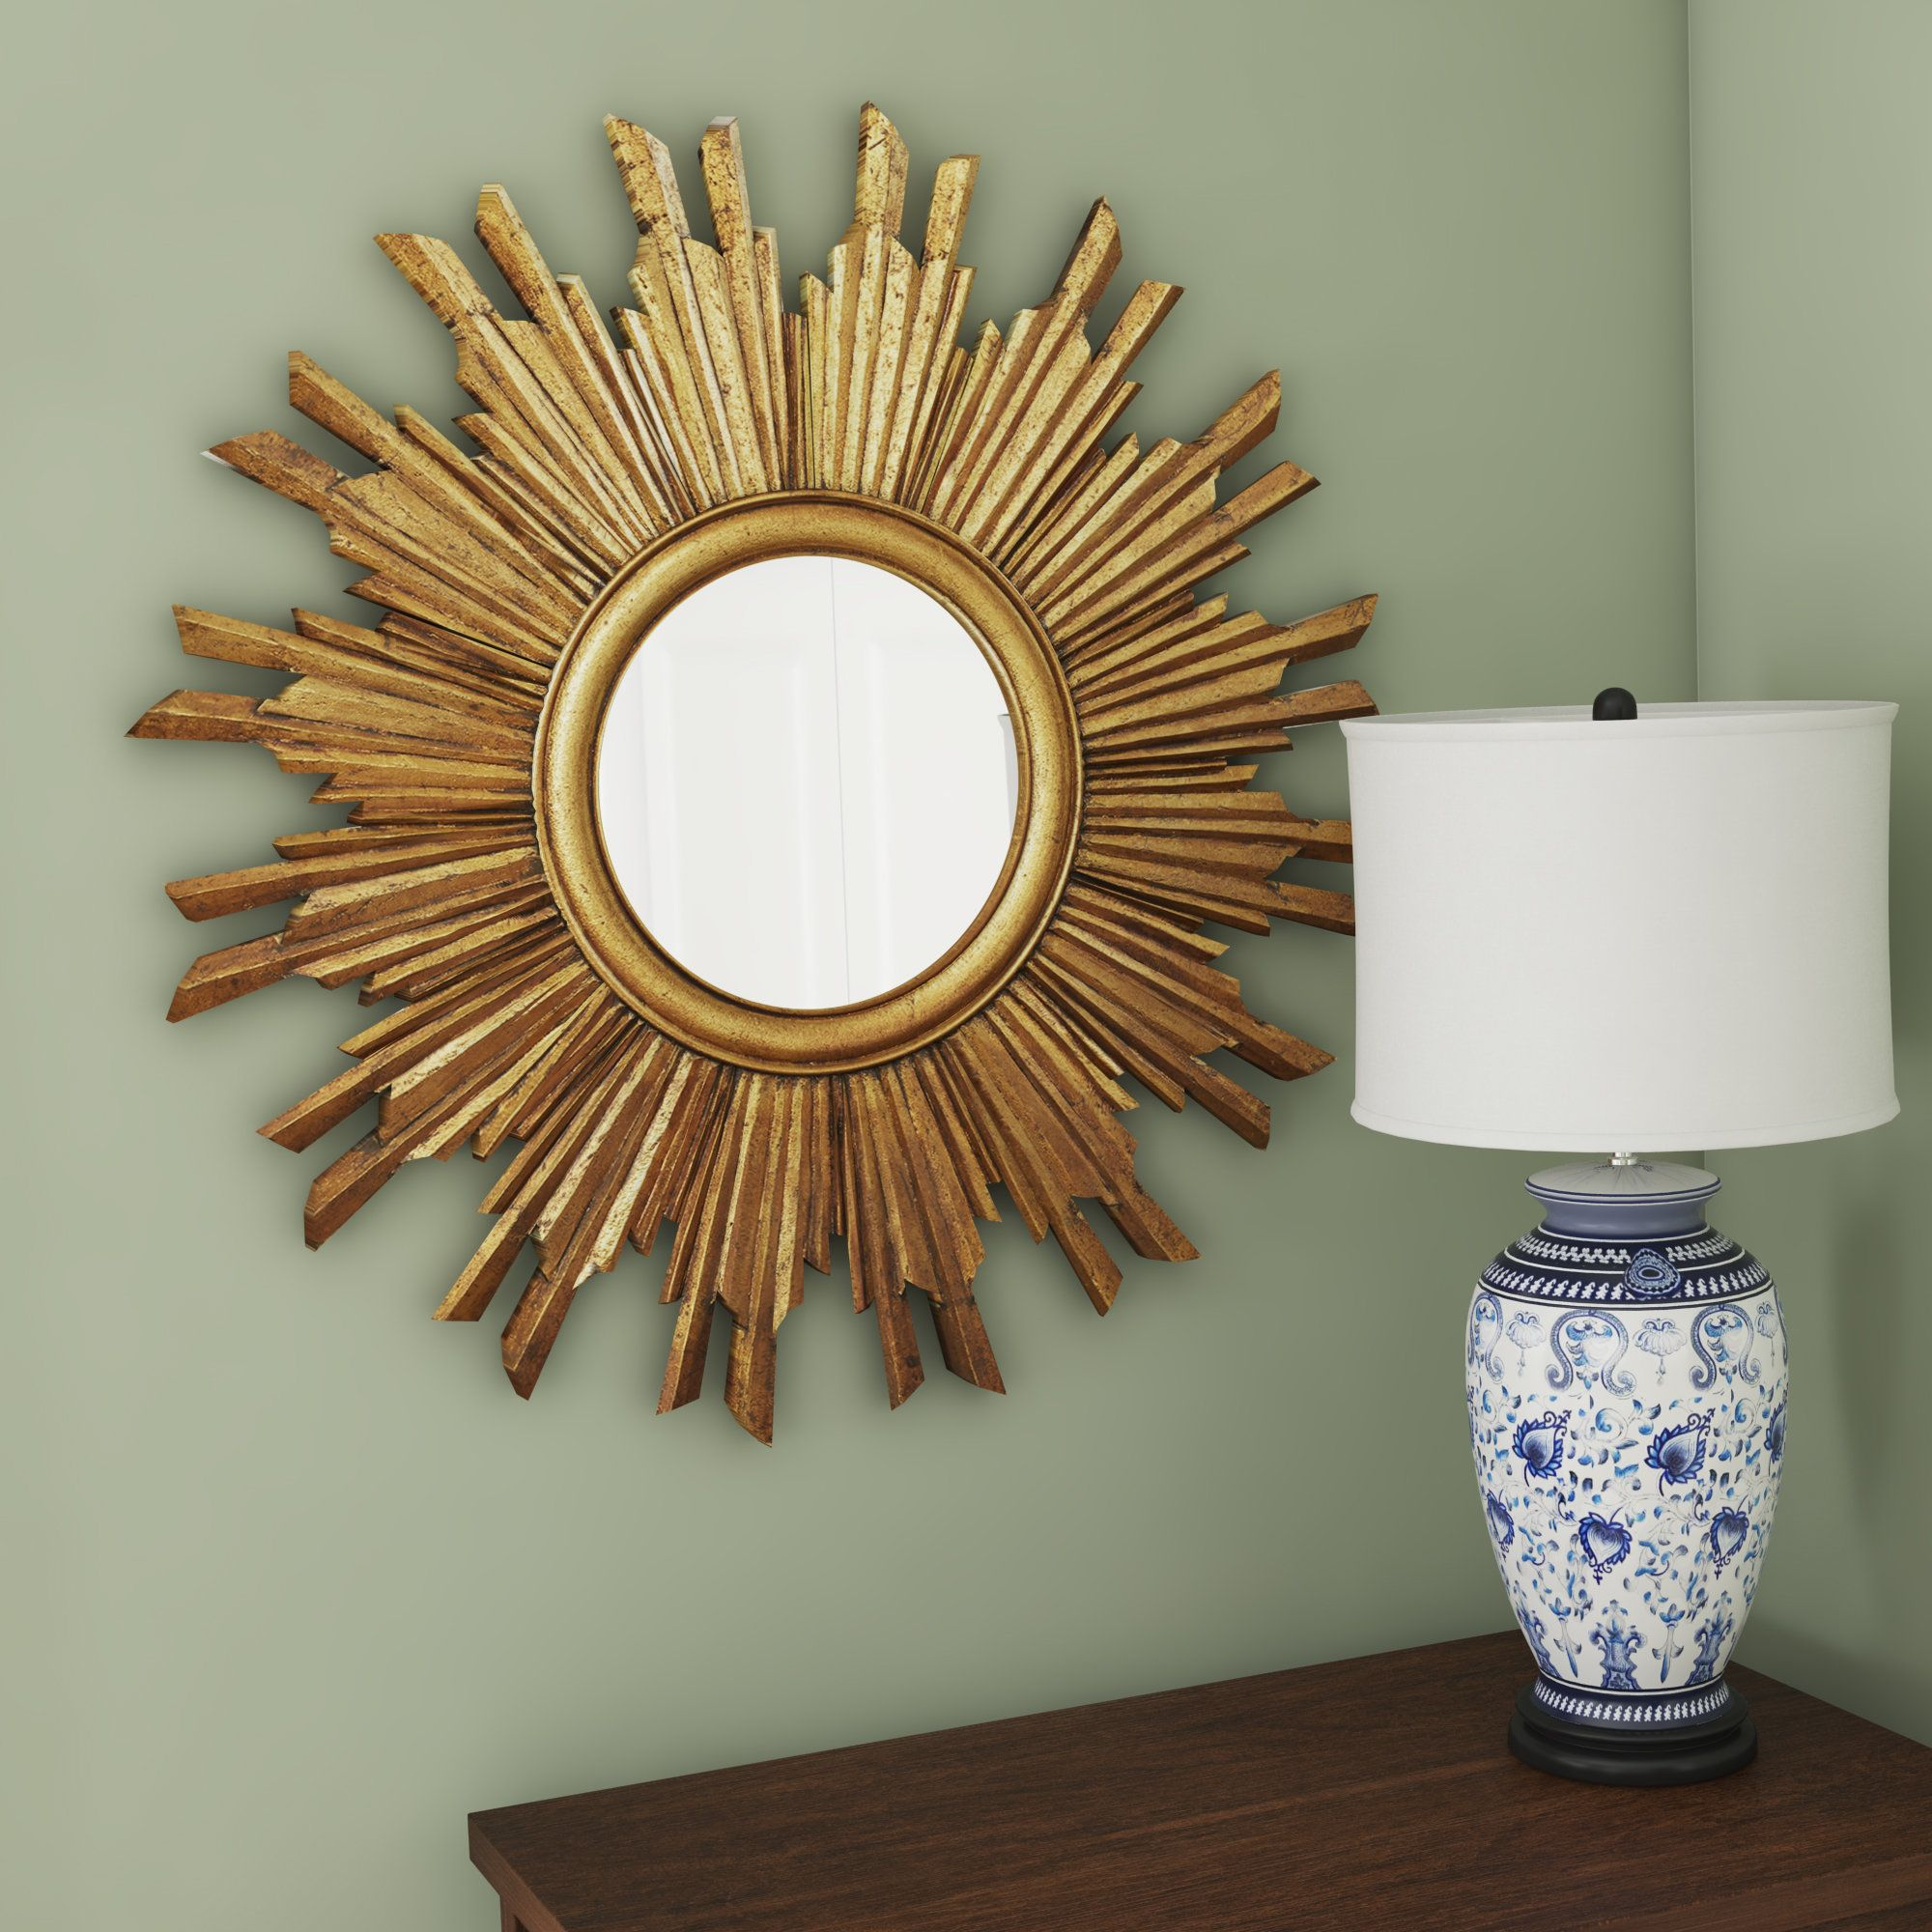 Fitzgibbons Sunburst Round Mirror